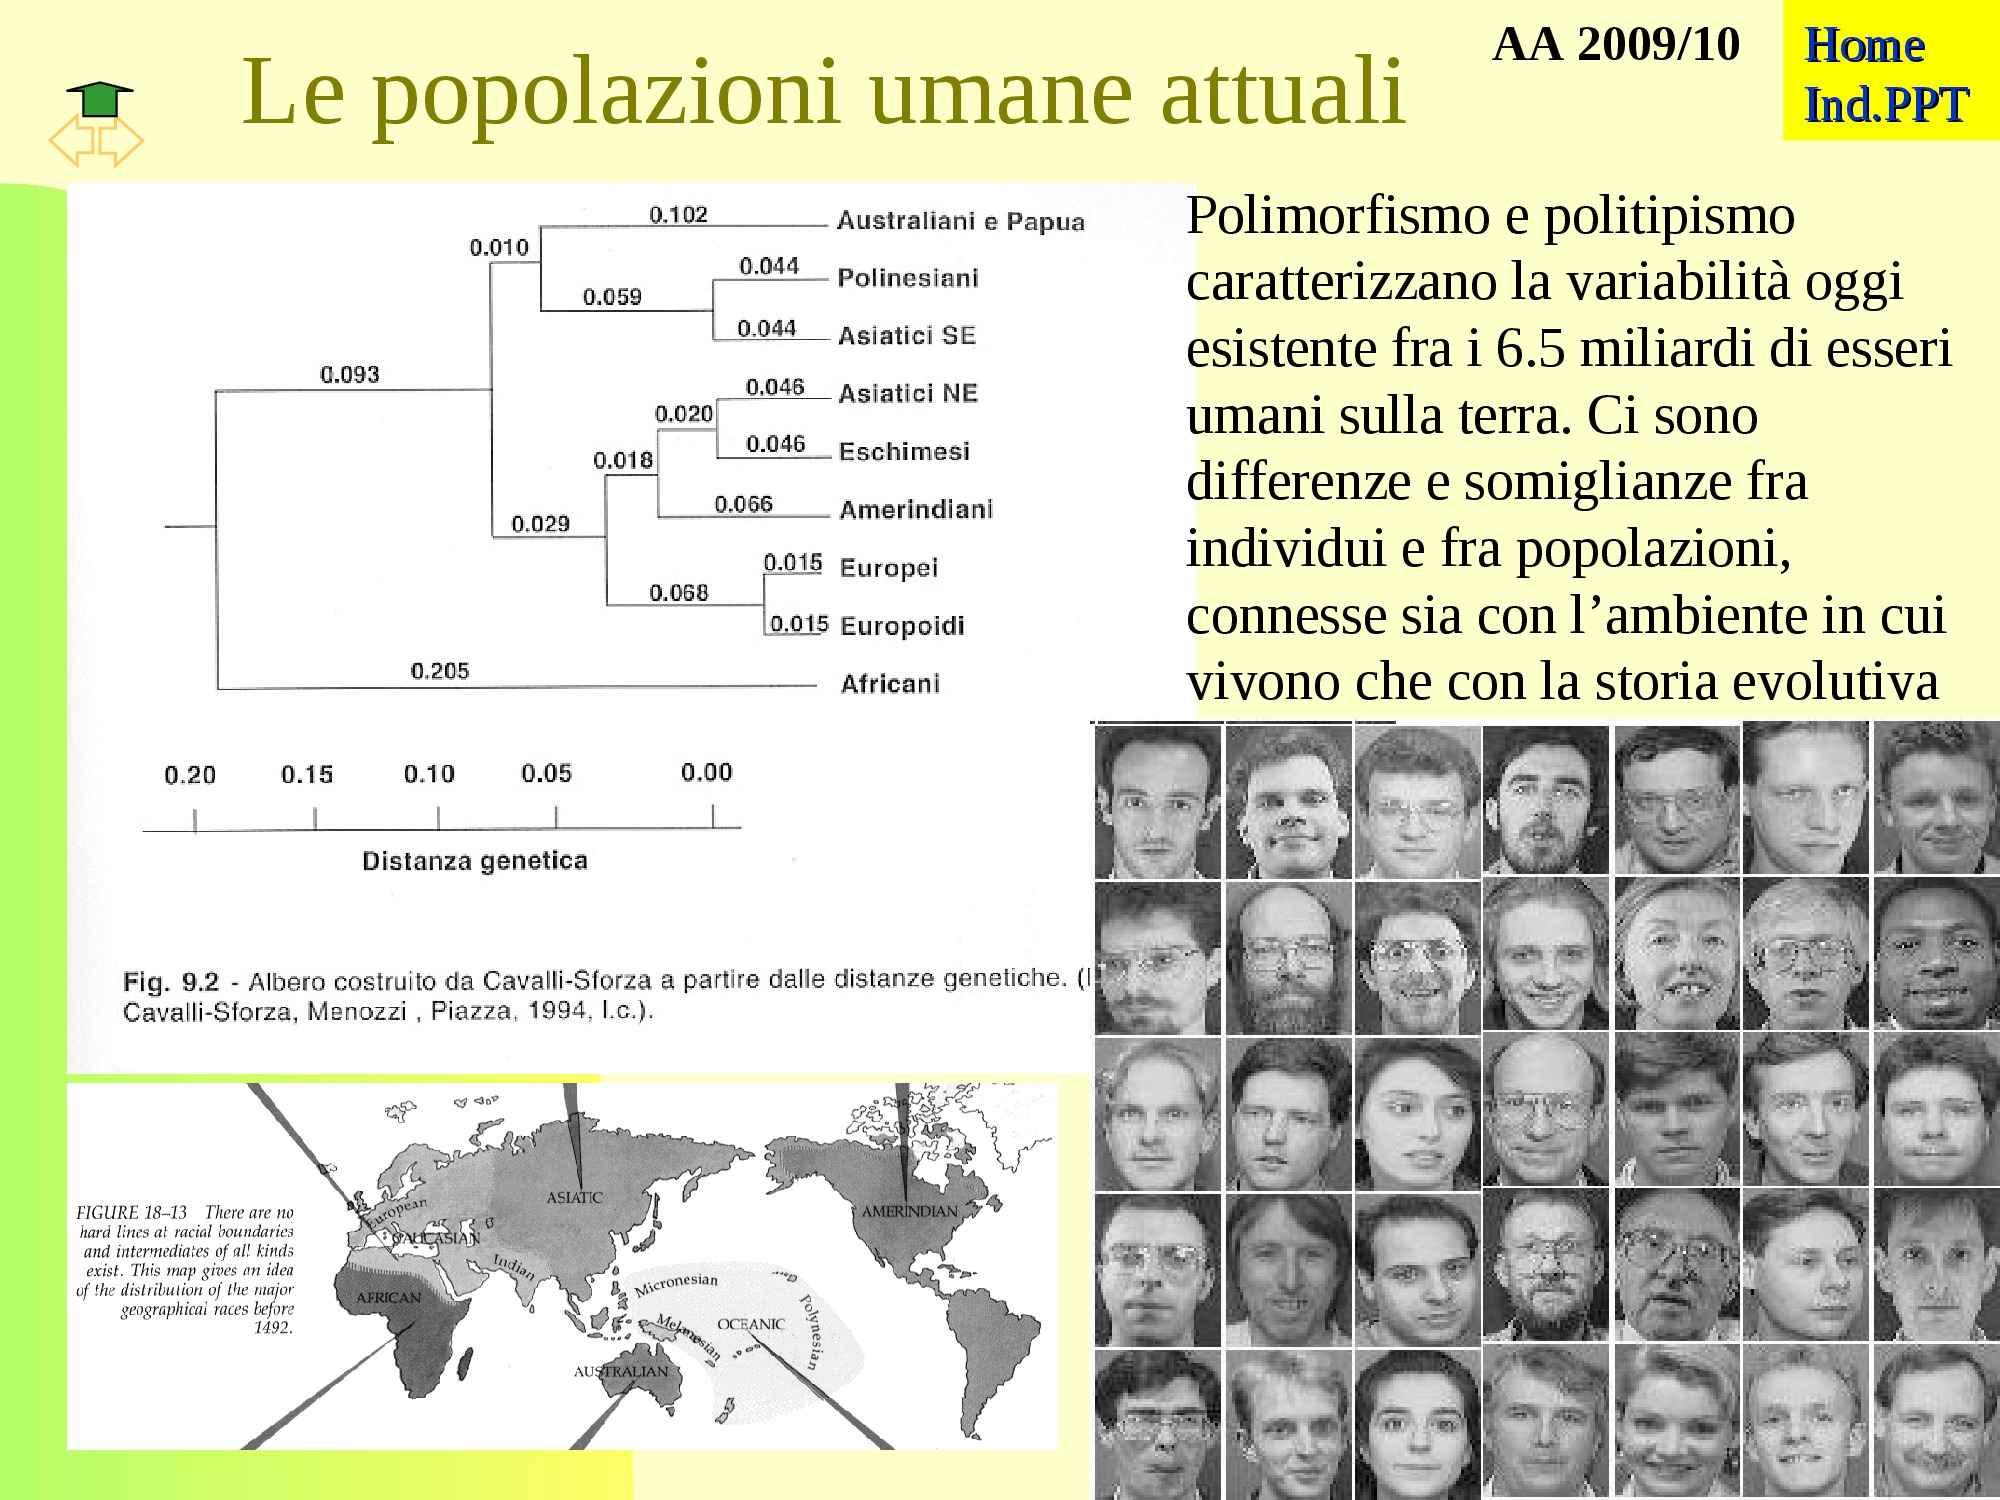 Popolazioni umane attuali